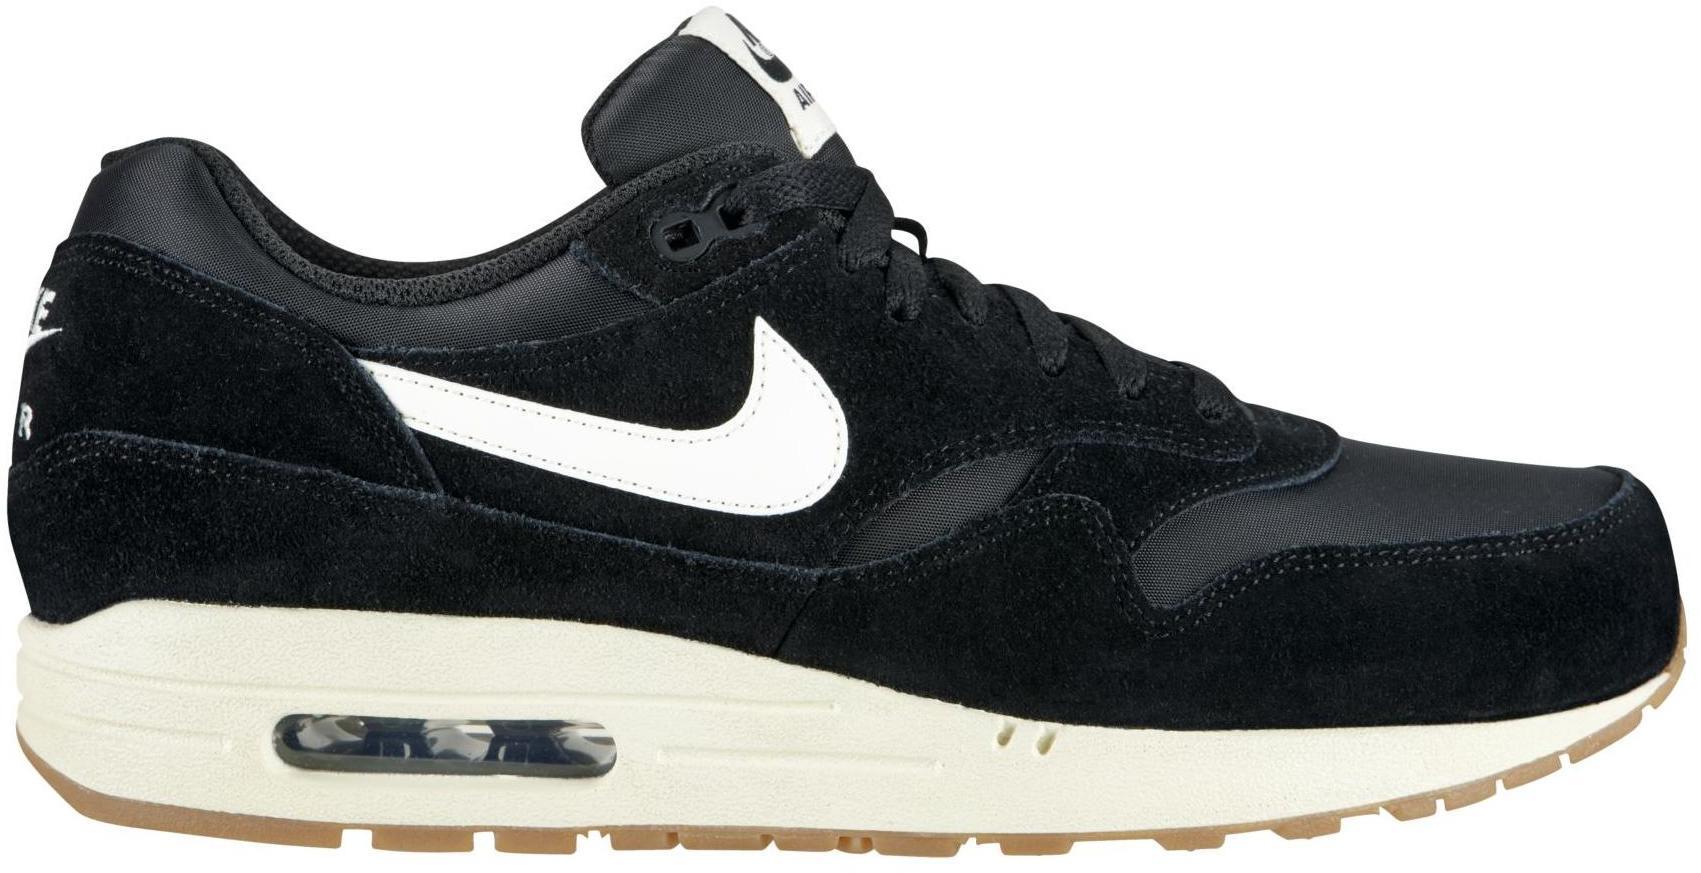 Nike Air Max 1 Black Gum Light - 537383-011